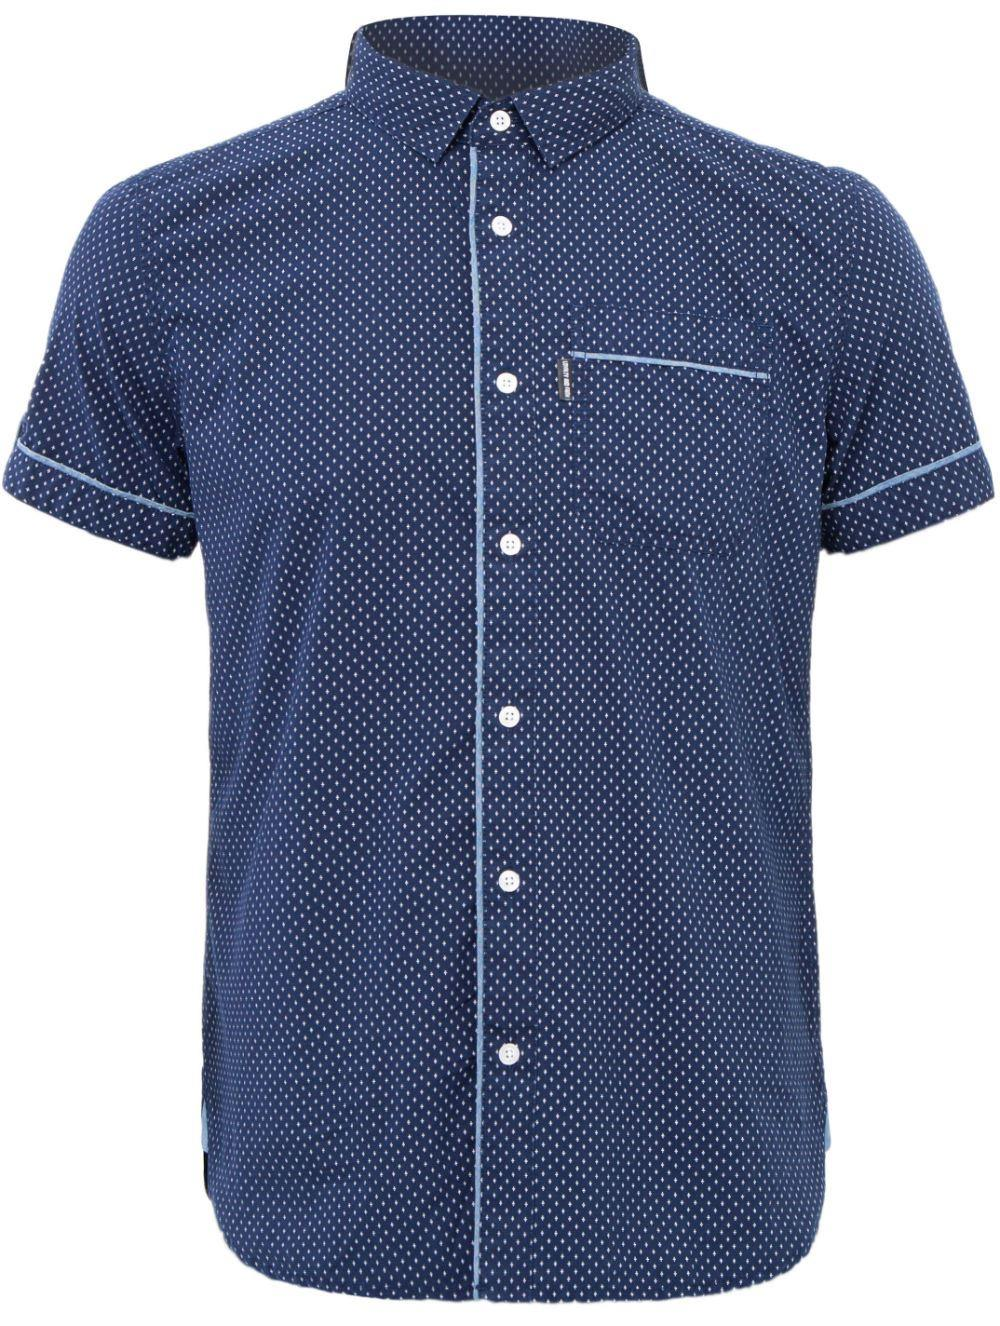 Loyalty & Faith Mazza Shirt - Blue